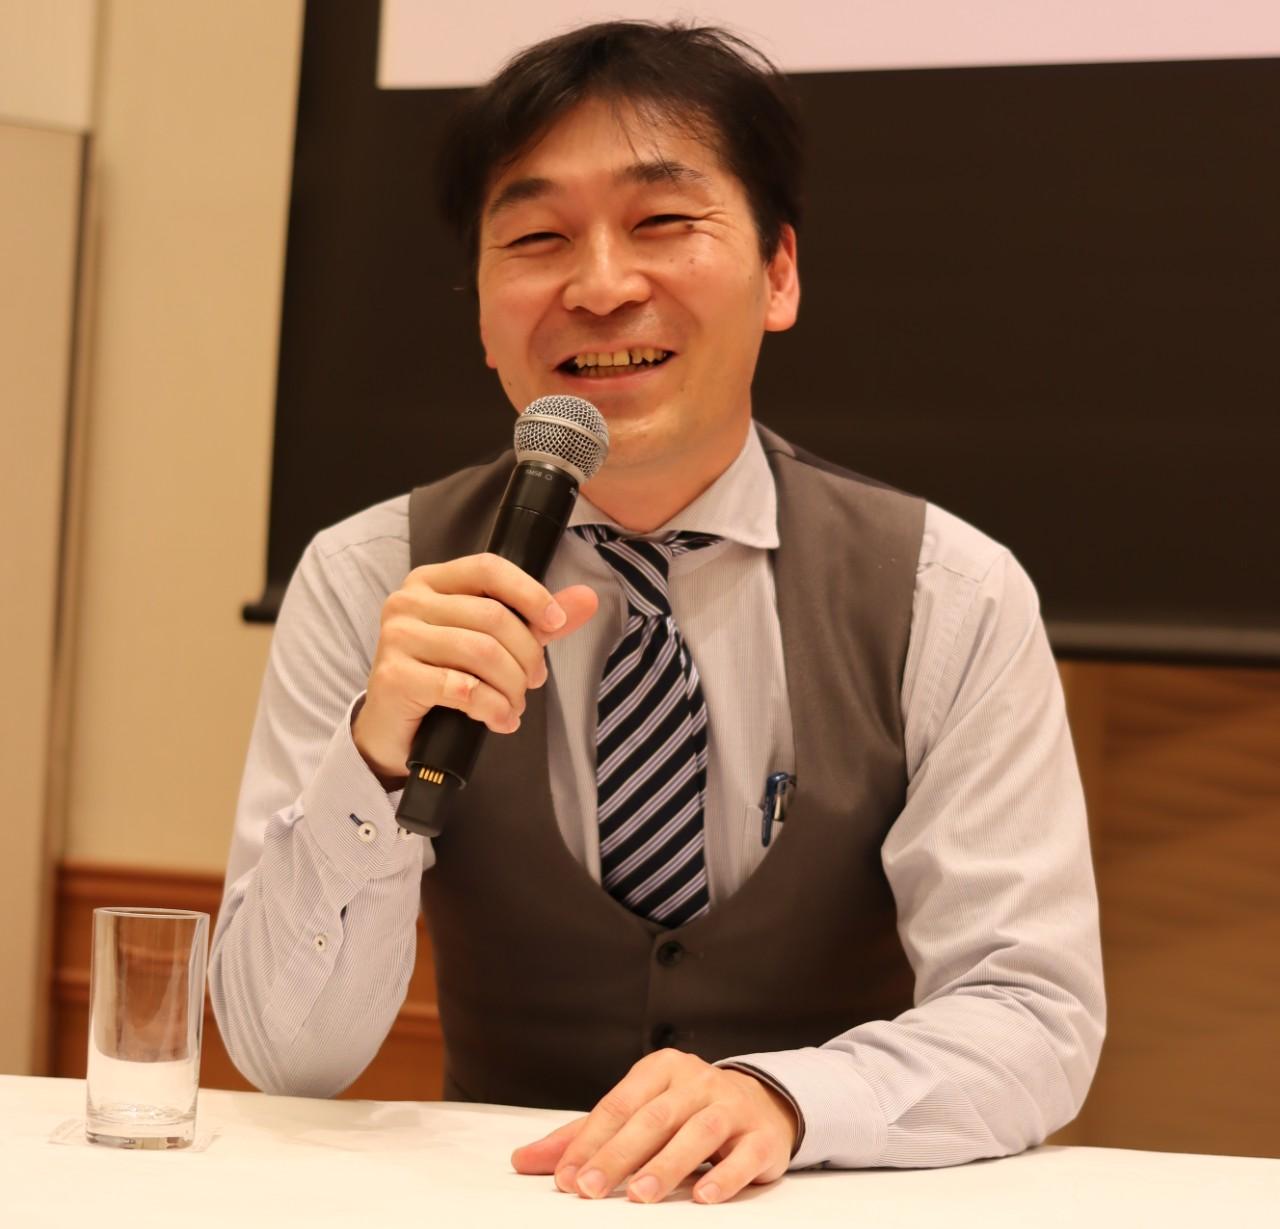 和泉薫 氏:NPO法人キッズドア 元・第1事業部 部長